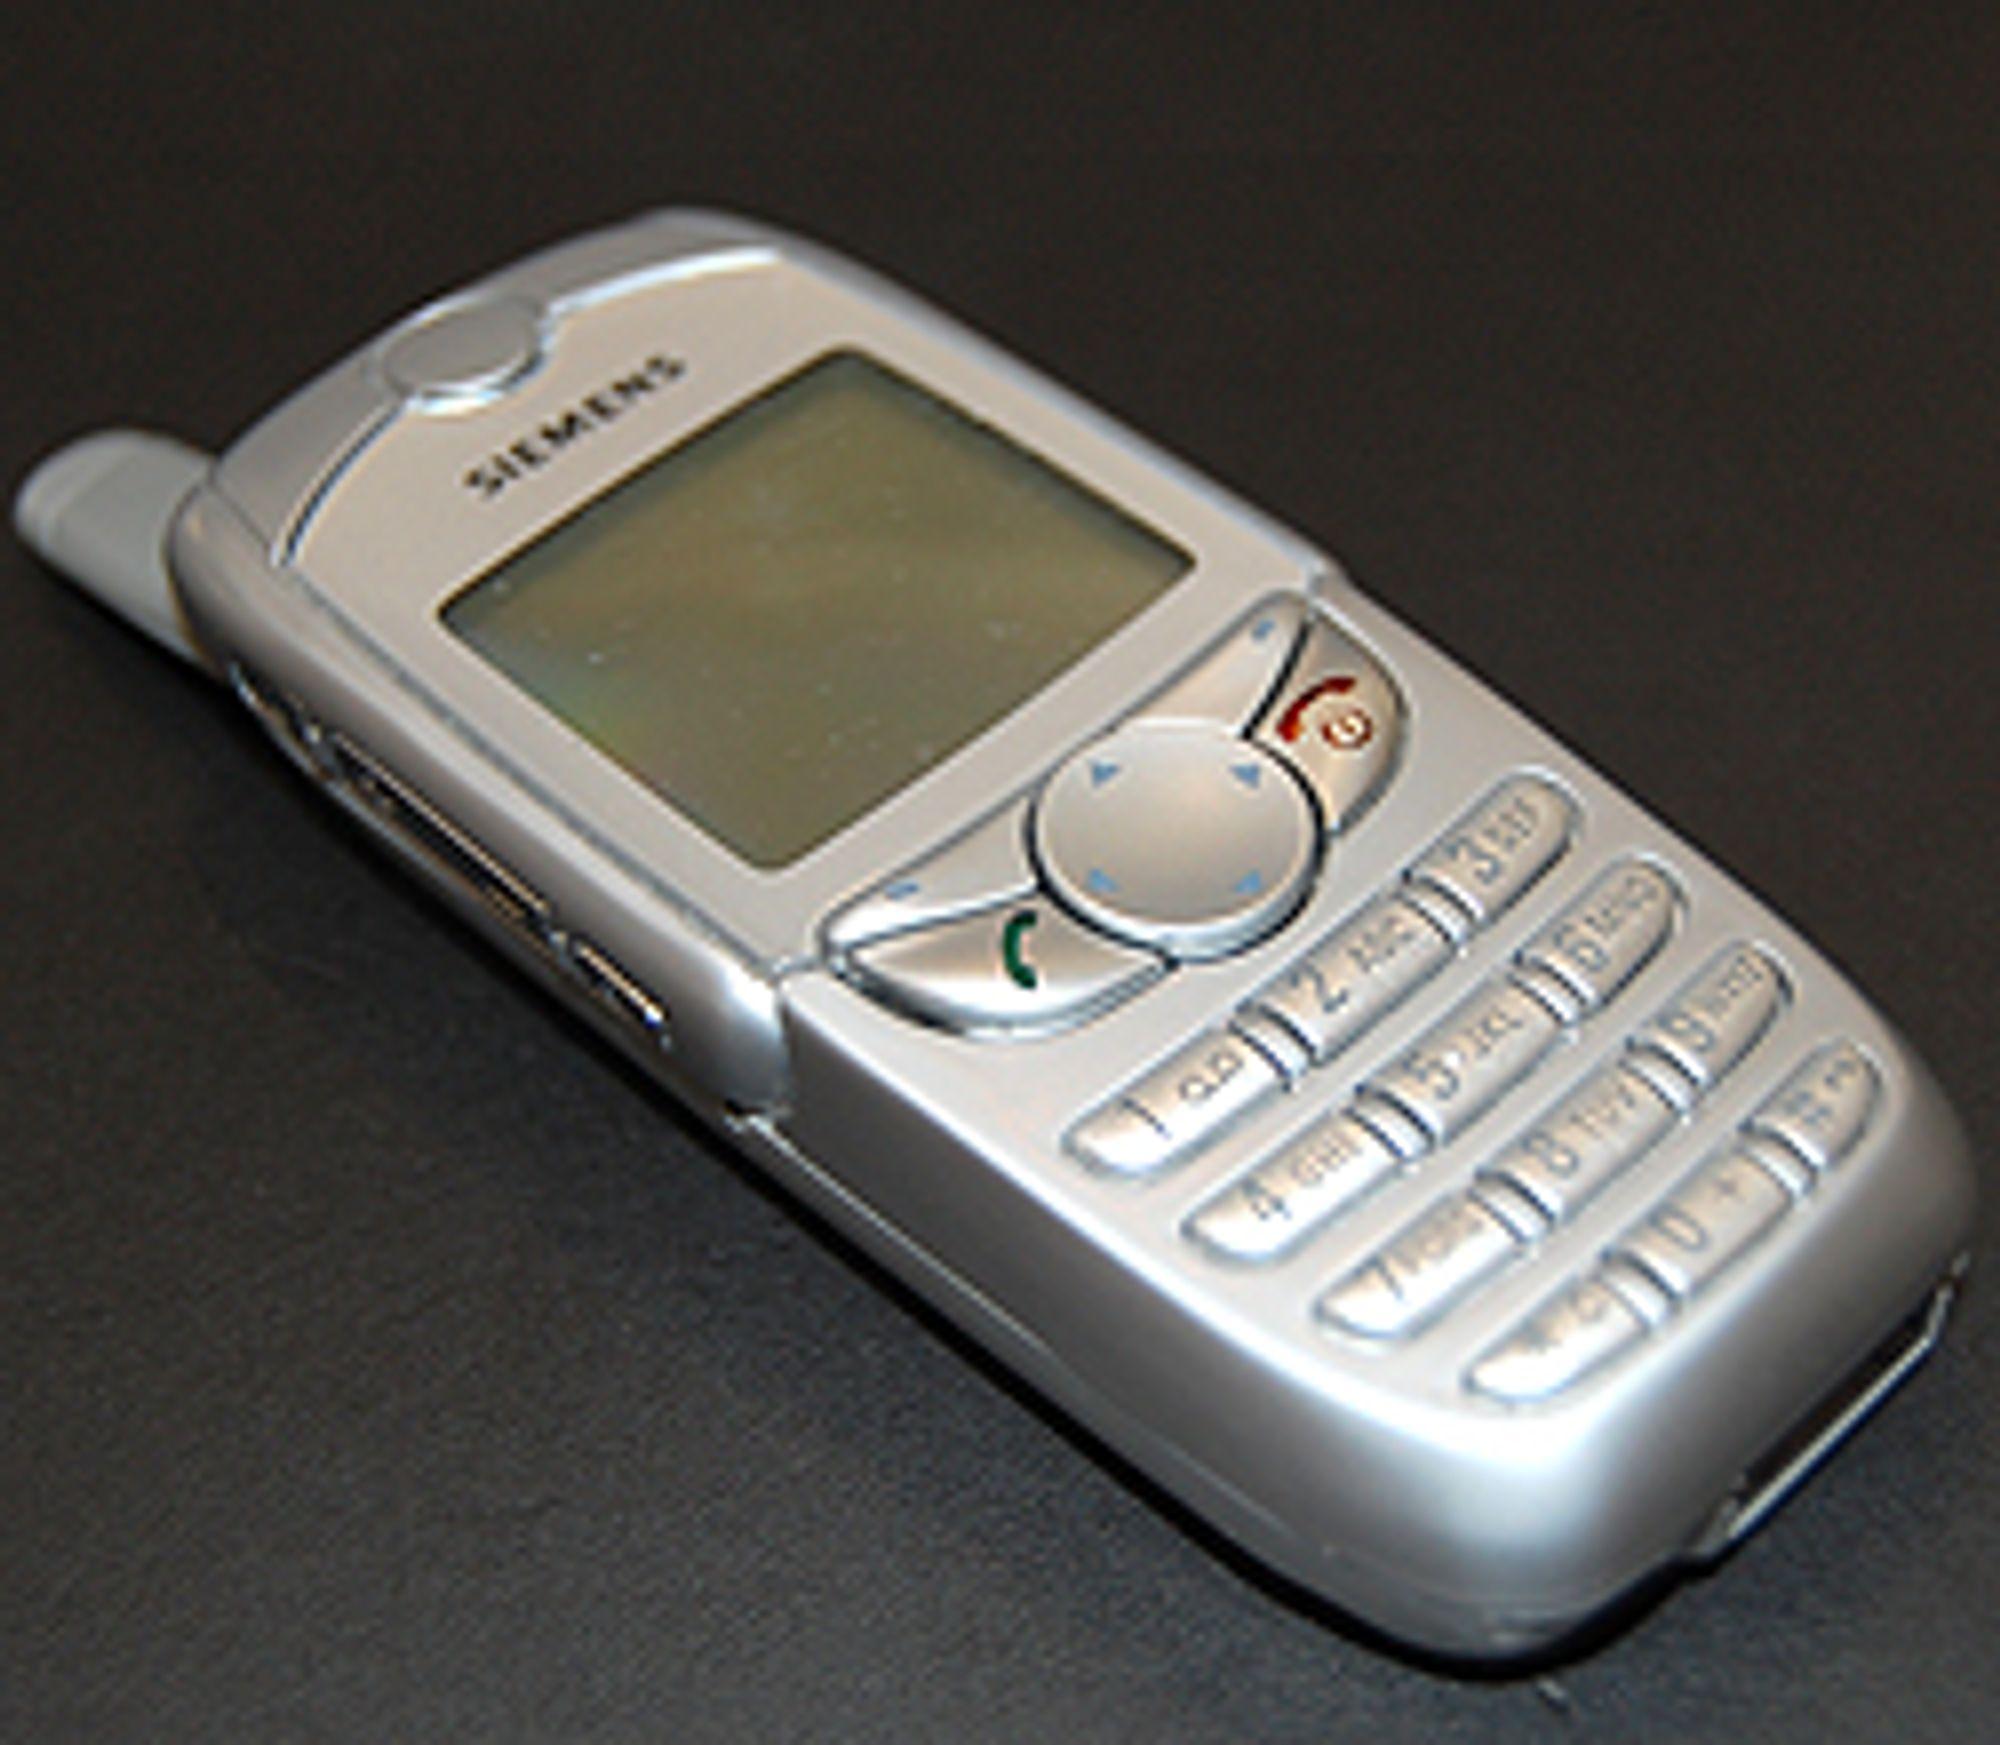 Ta ditt eget bilde av telefonen som skal selges.